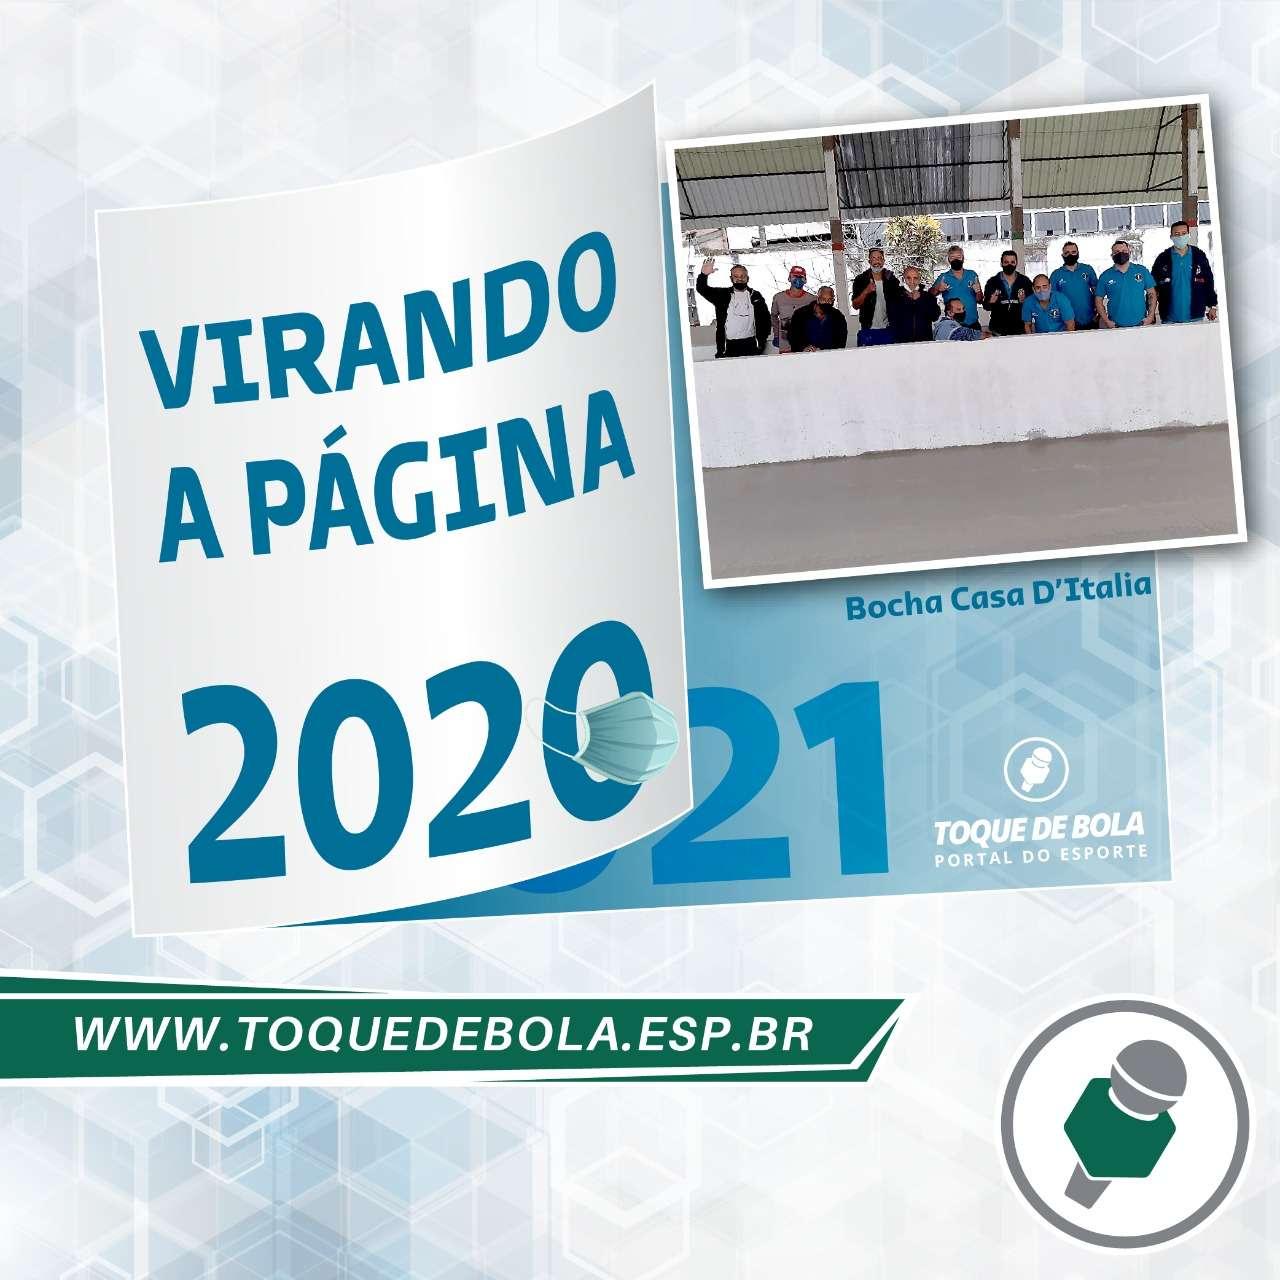 Bocha Casa D'Italia: após reinvenção, viabilizar canchas em 2021!